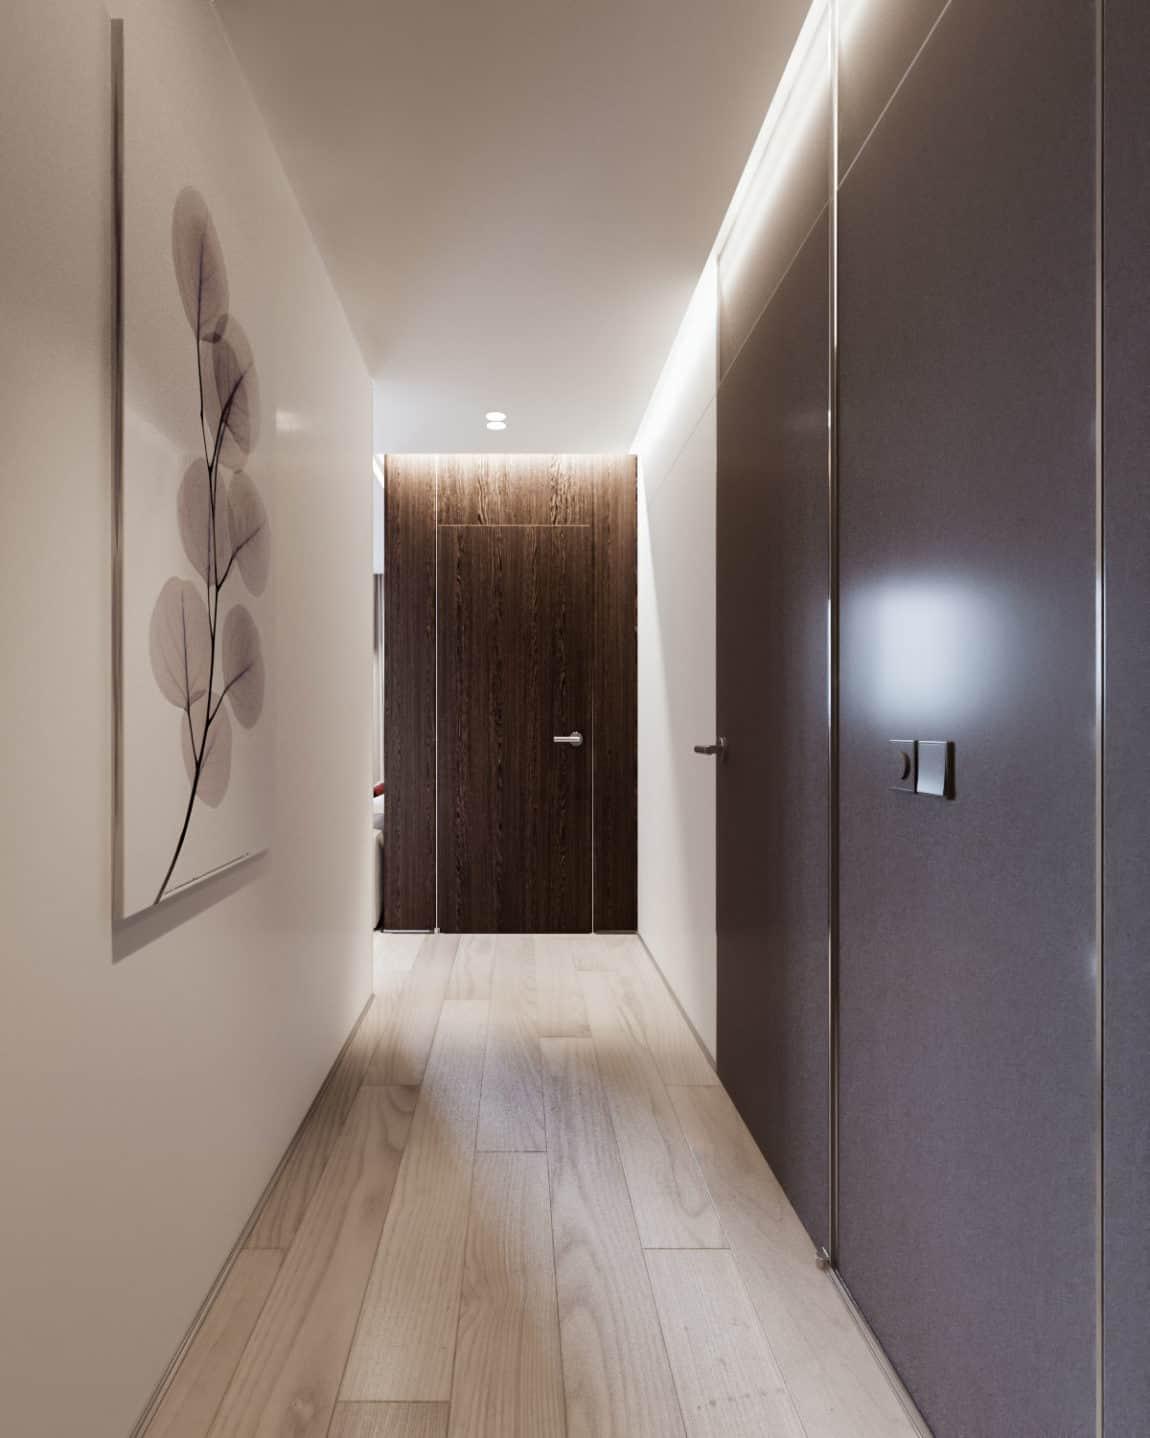 Minsk Apartament by Yevhen Zahorodnii & Sivak Trigubchak (26)